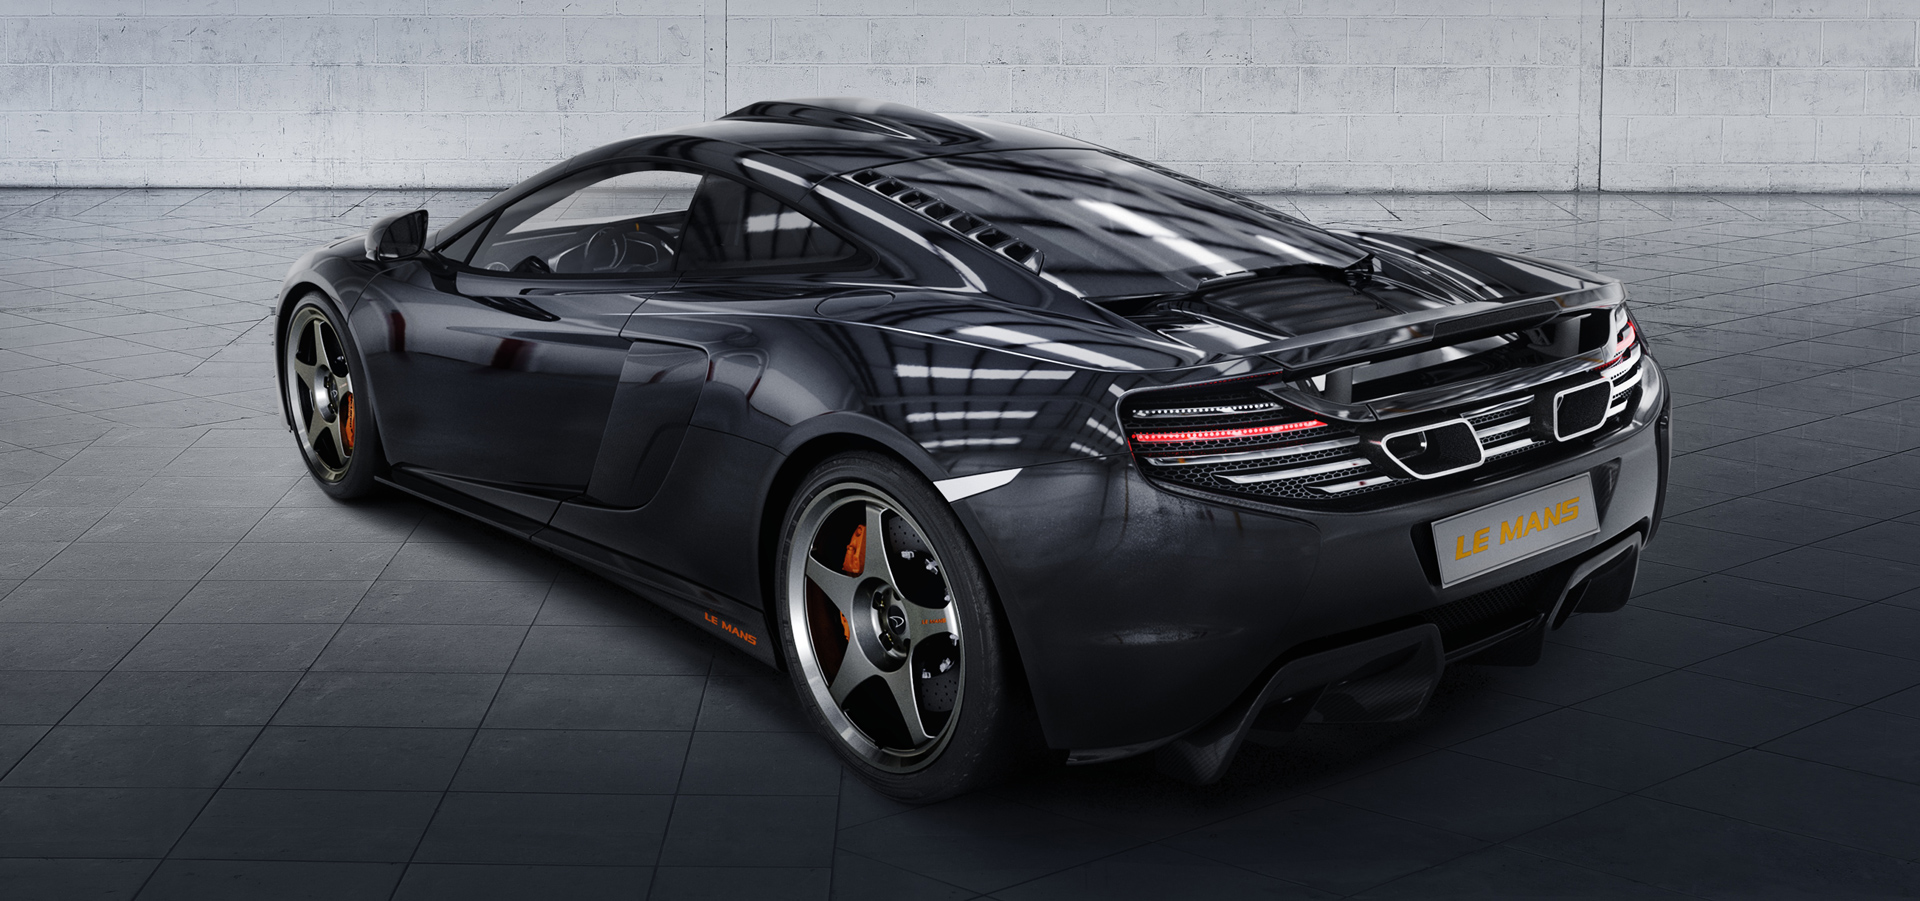 McLaren 650S MSO Le Mans Edition - arrière